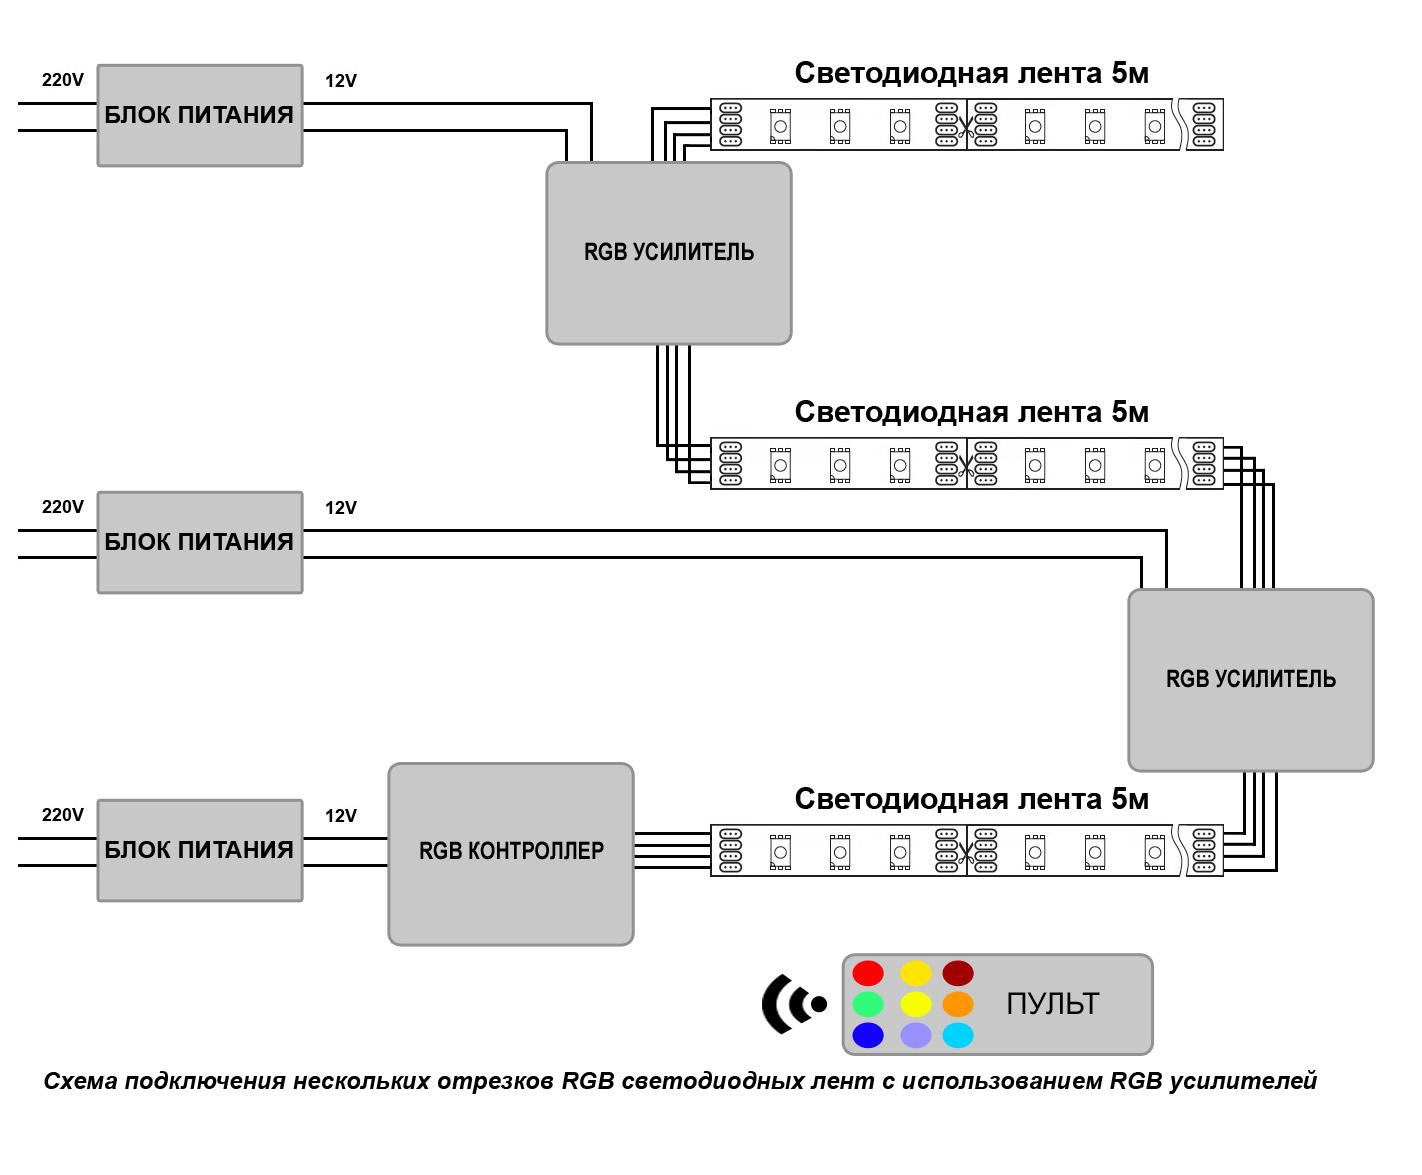 Схема подключения нескольких отрезков RGB светодиодных лент с использованием RGB усилителя